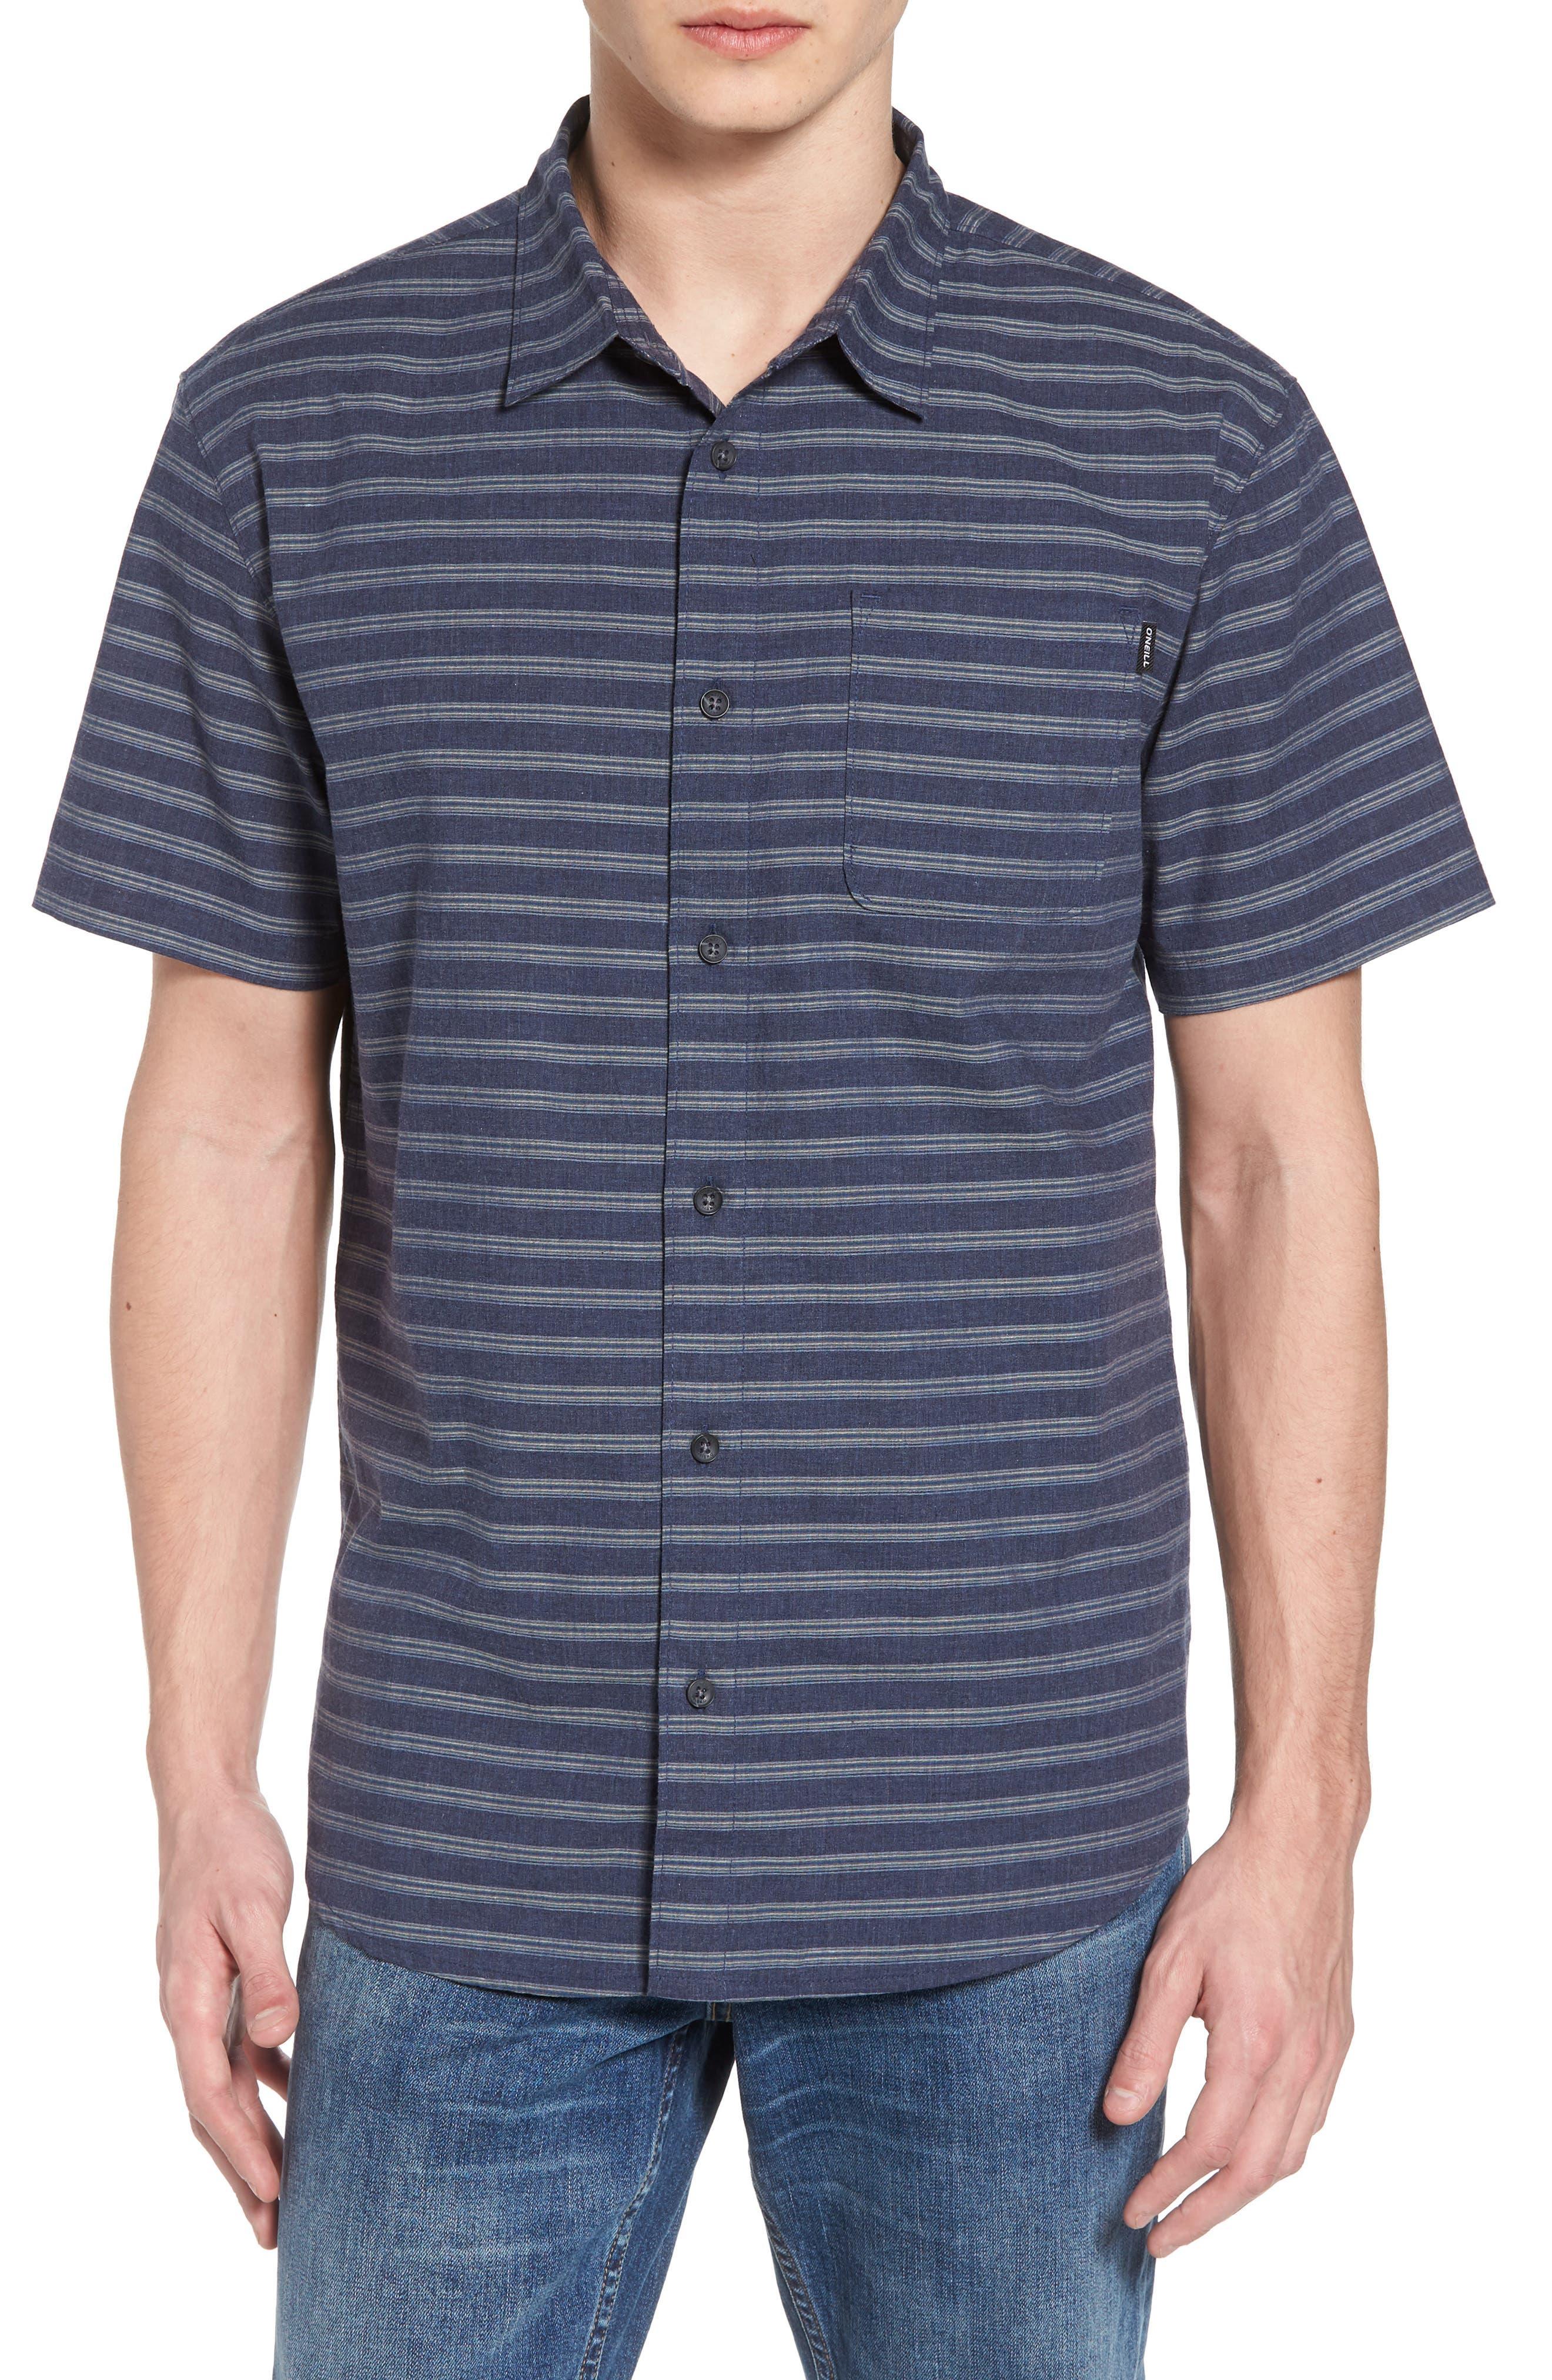 Stag Short Sleeve Shirt,                             Main thumbnail 1, color,